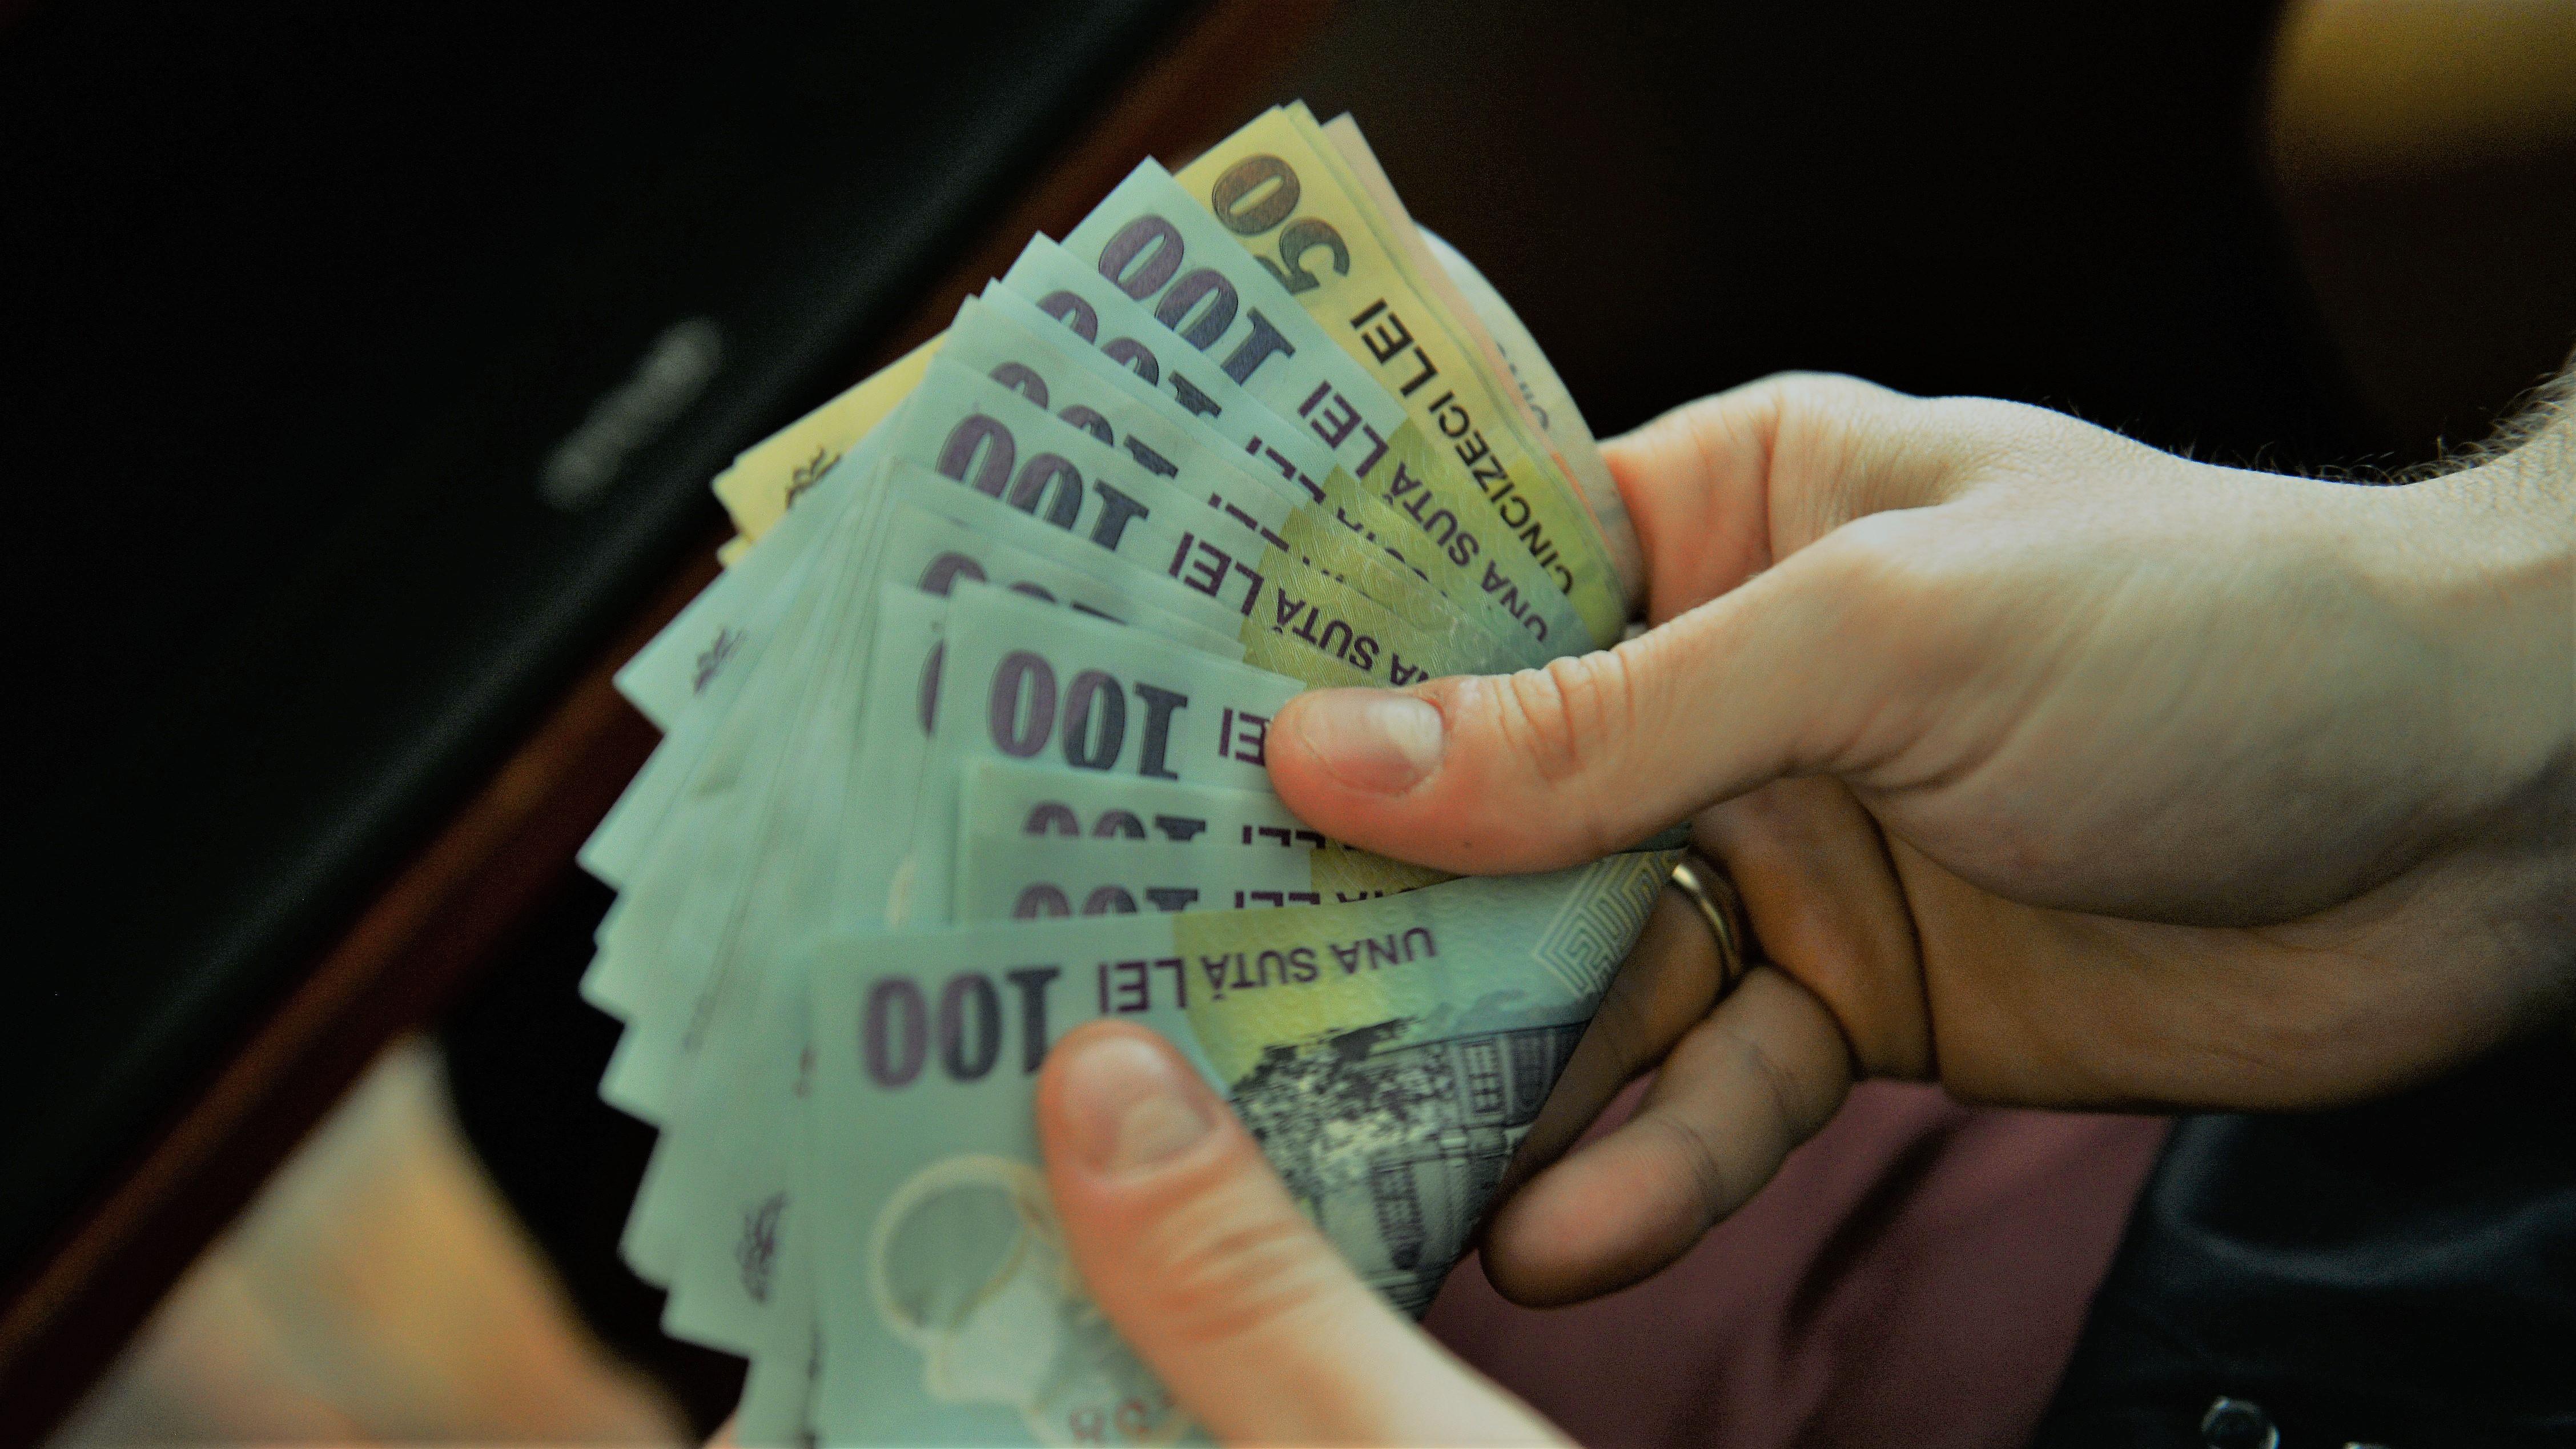 Guvernul a aprobat un stimulent financiar pentru zeci de mii de români. Care este valoarea acestuia